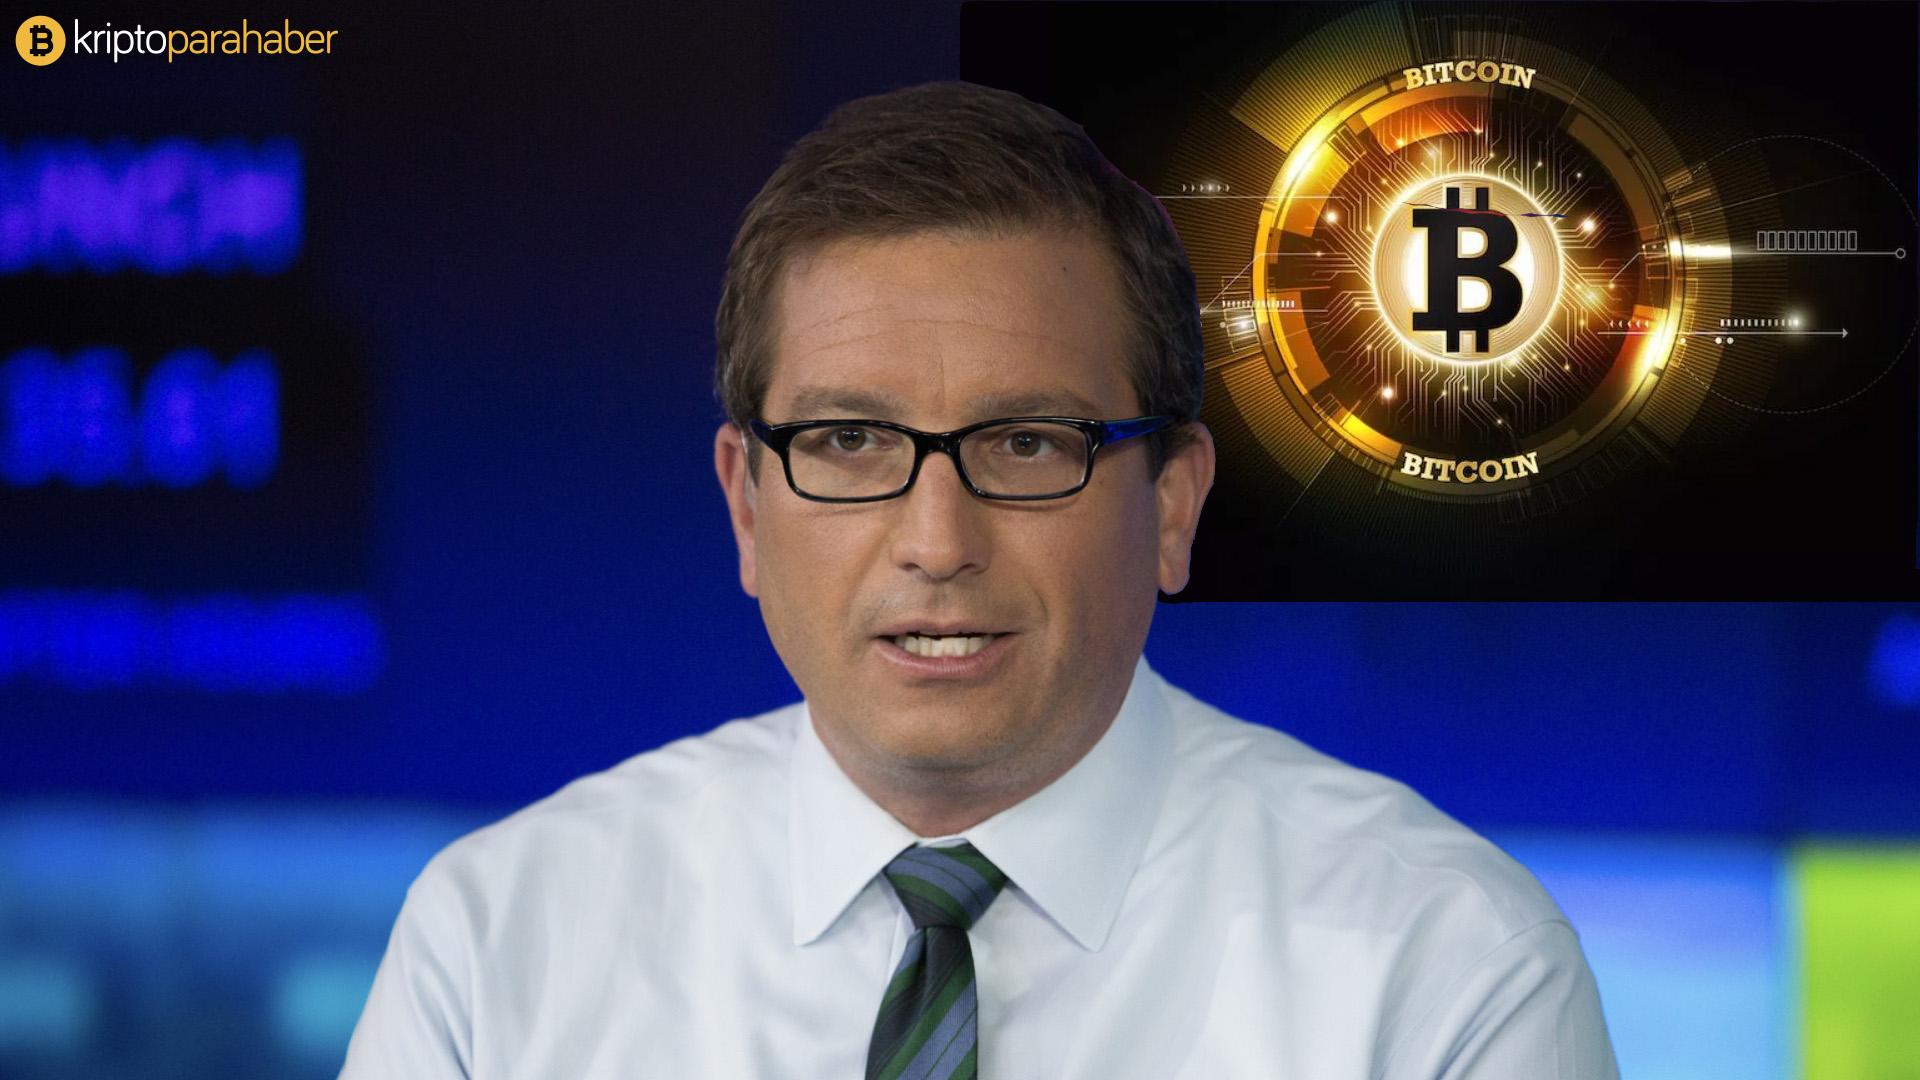 """Brian Kelly: """"Bitcoin, bir makro ticarete başlıyor."""""""